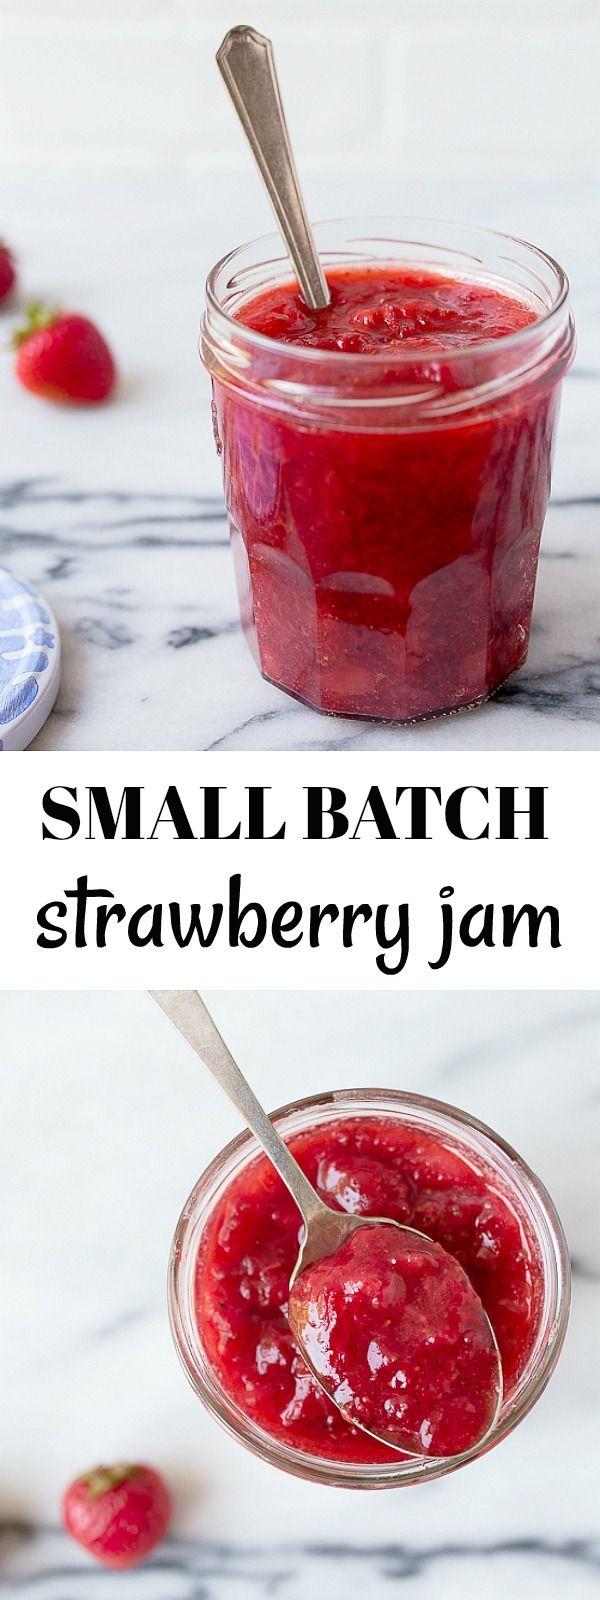 Small batch jam recipe: strawberry jam, makes 1 pint of jam. Small batch strawberry jam with just 2 ingredients!